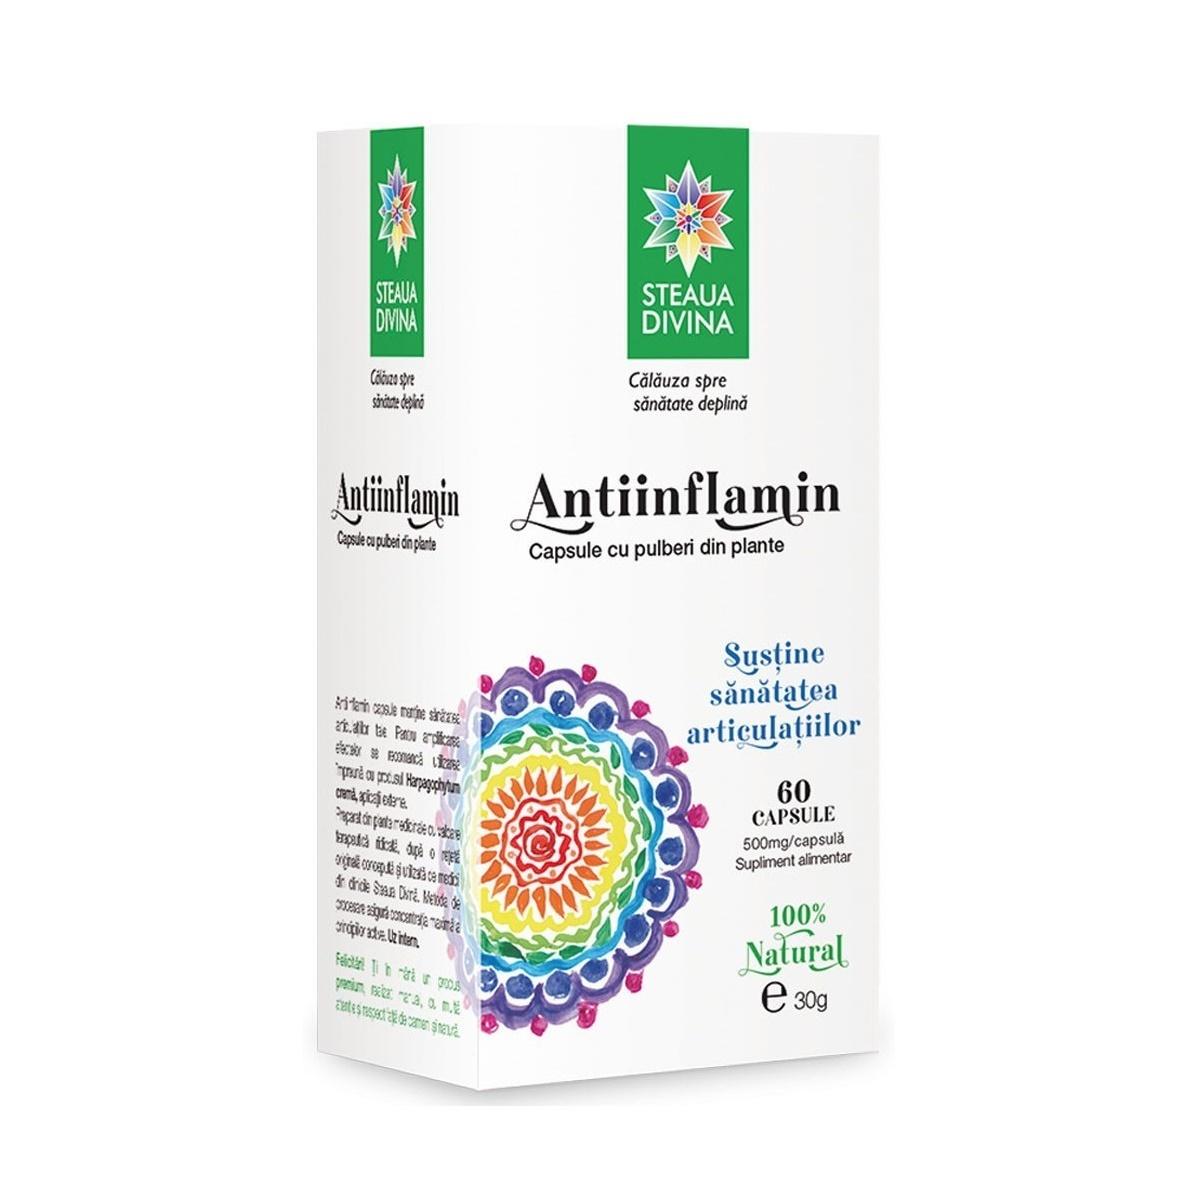 Antiinflamin, 60 capsule, Steaua Divină